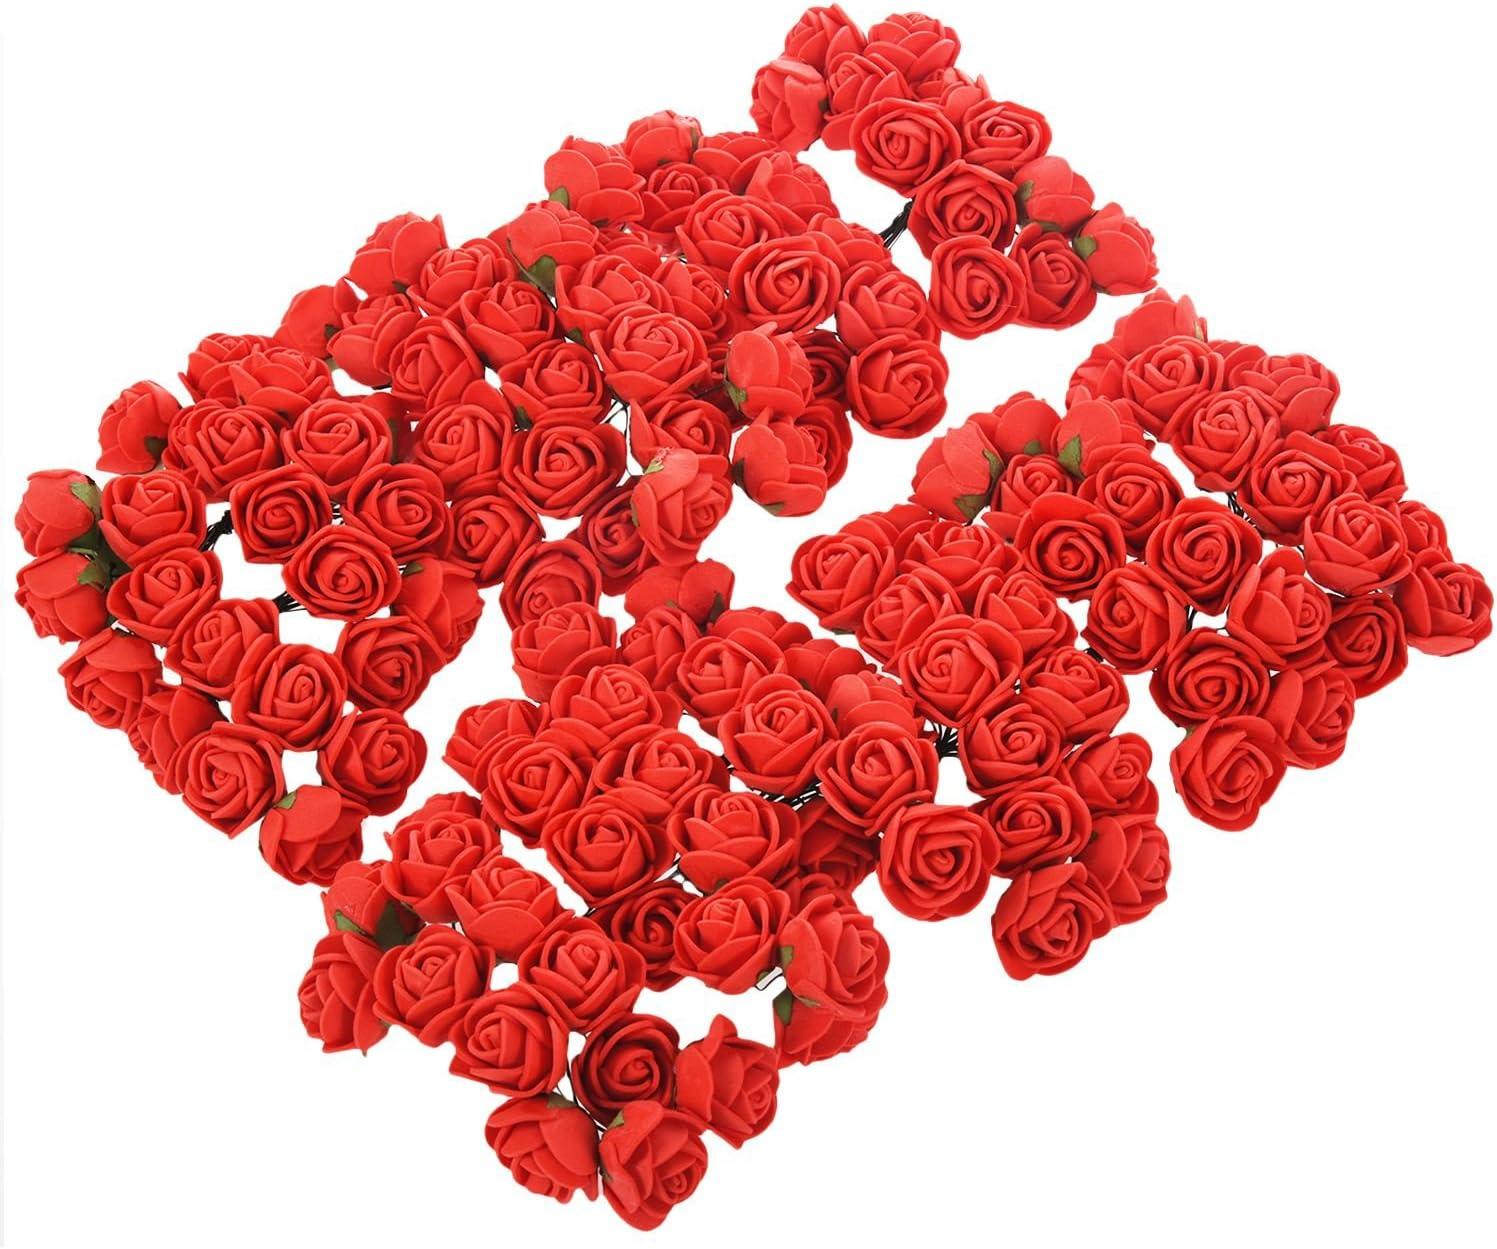 UK 144 PCS Mini Foam Rose Flowers Bouquet DIY Crafts  Bouquet Wedding Home Decor